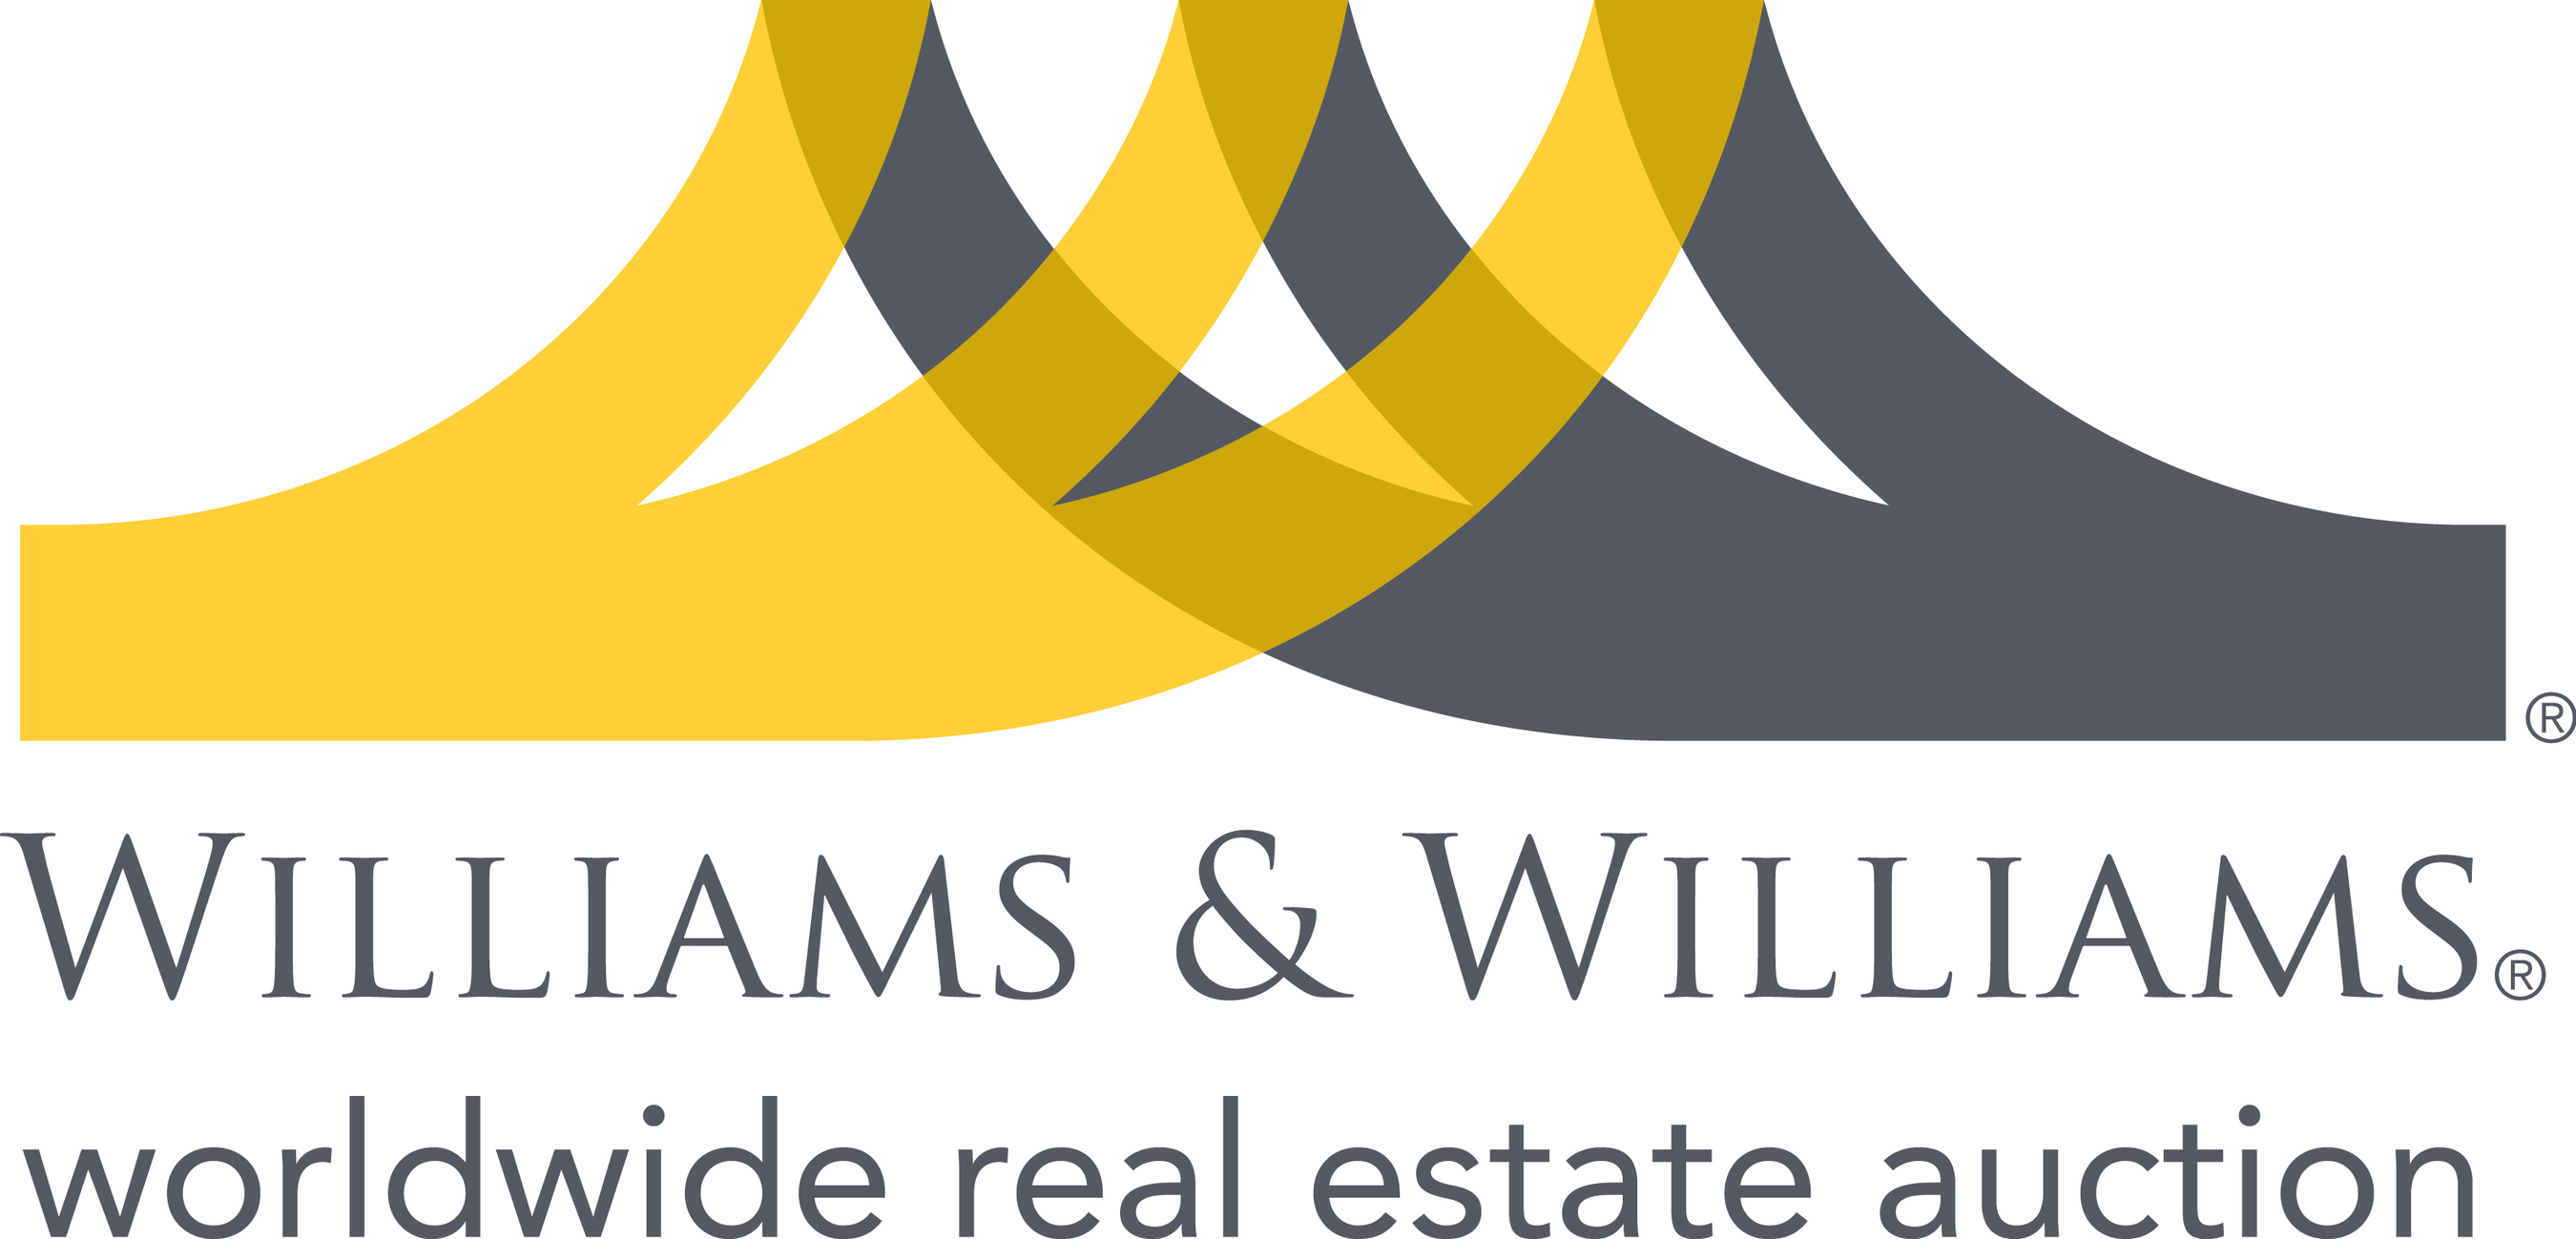 Williams & Williams logo.